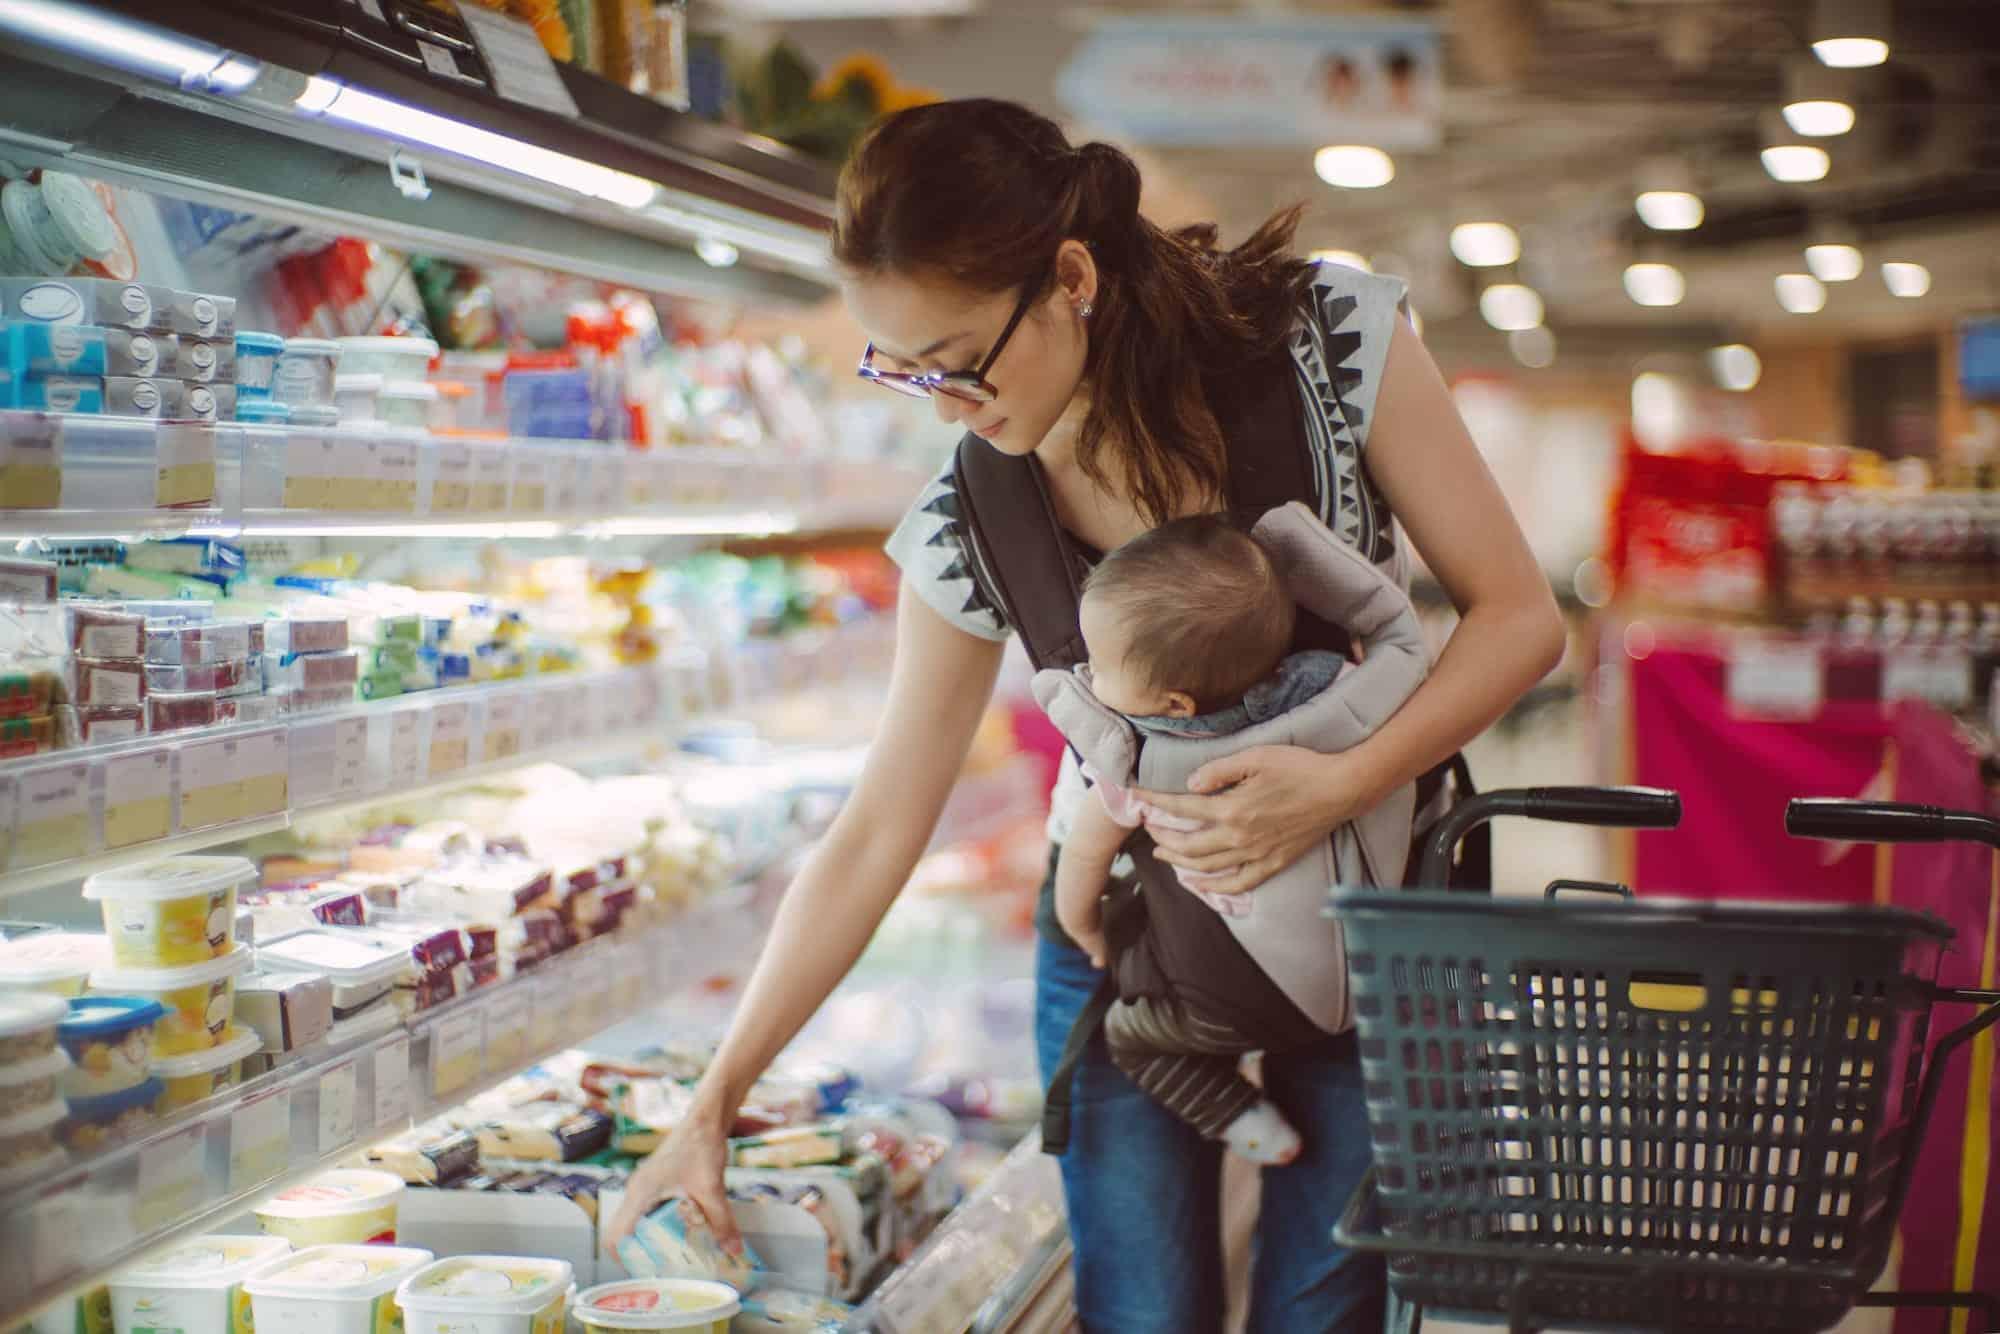 Ik PE Verbraucher Info Plastik Verpackung Haltbarkeit Versorgung Schutz Lebensmittel